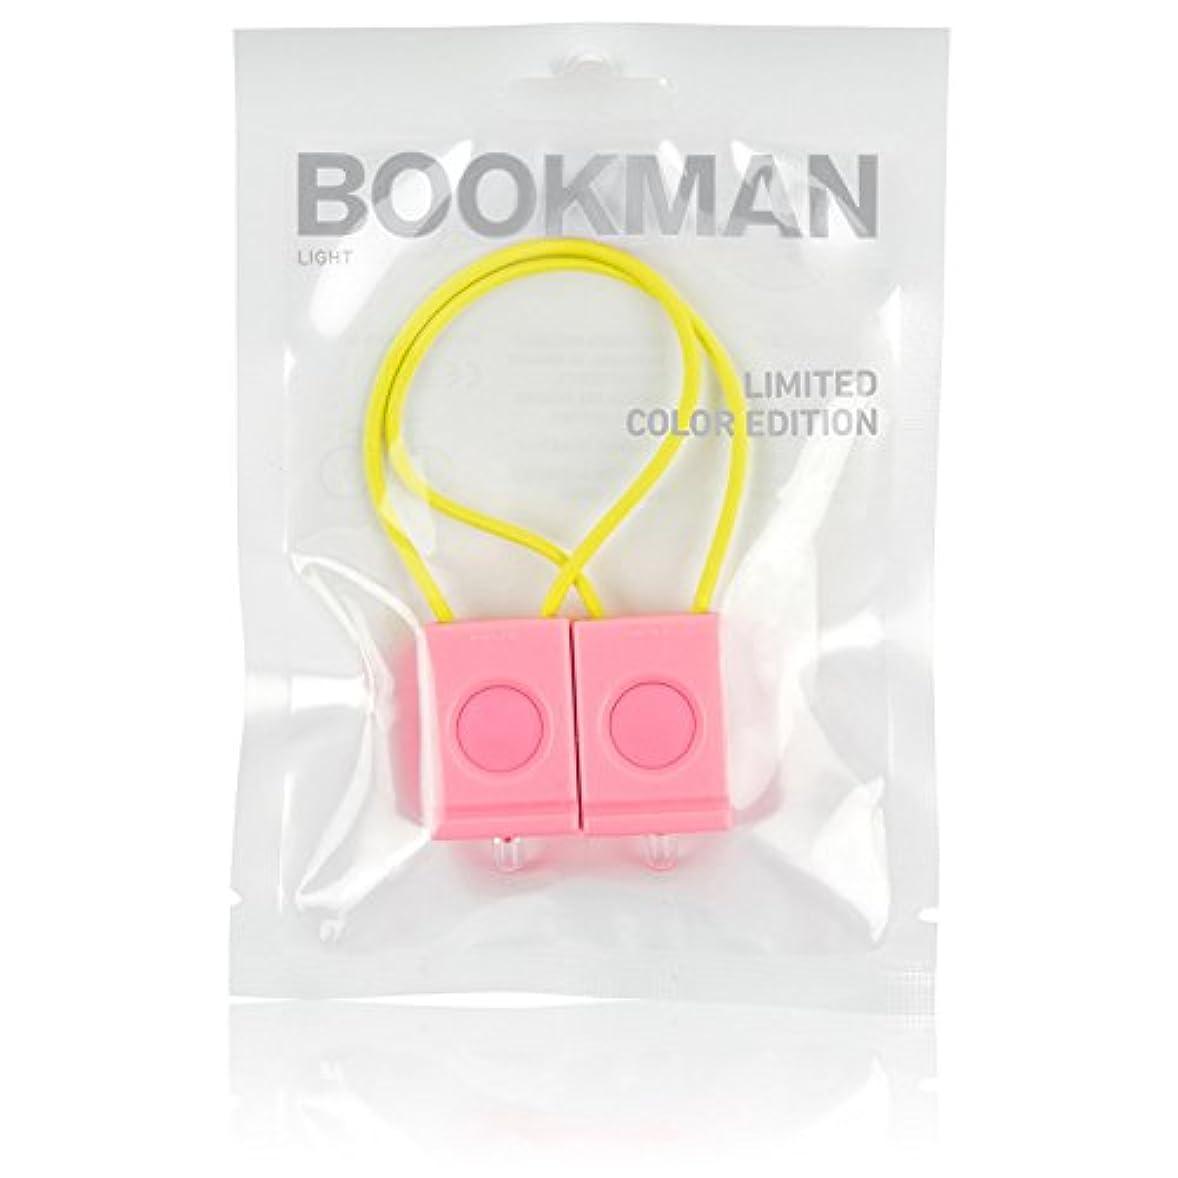 鮮やかな環境保護主義者倍率BOOKMAN - Bookman Light 2016S/S LTD Sunset Pink 2016年春夏リミテッドカラーモデル